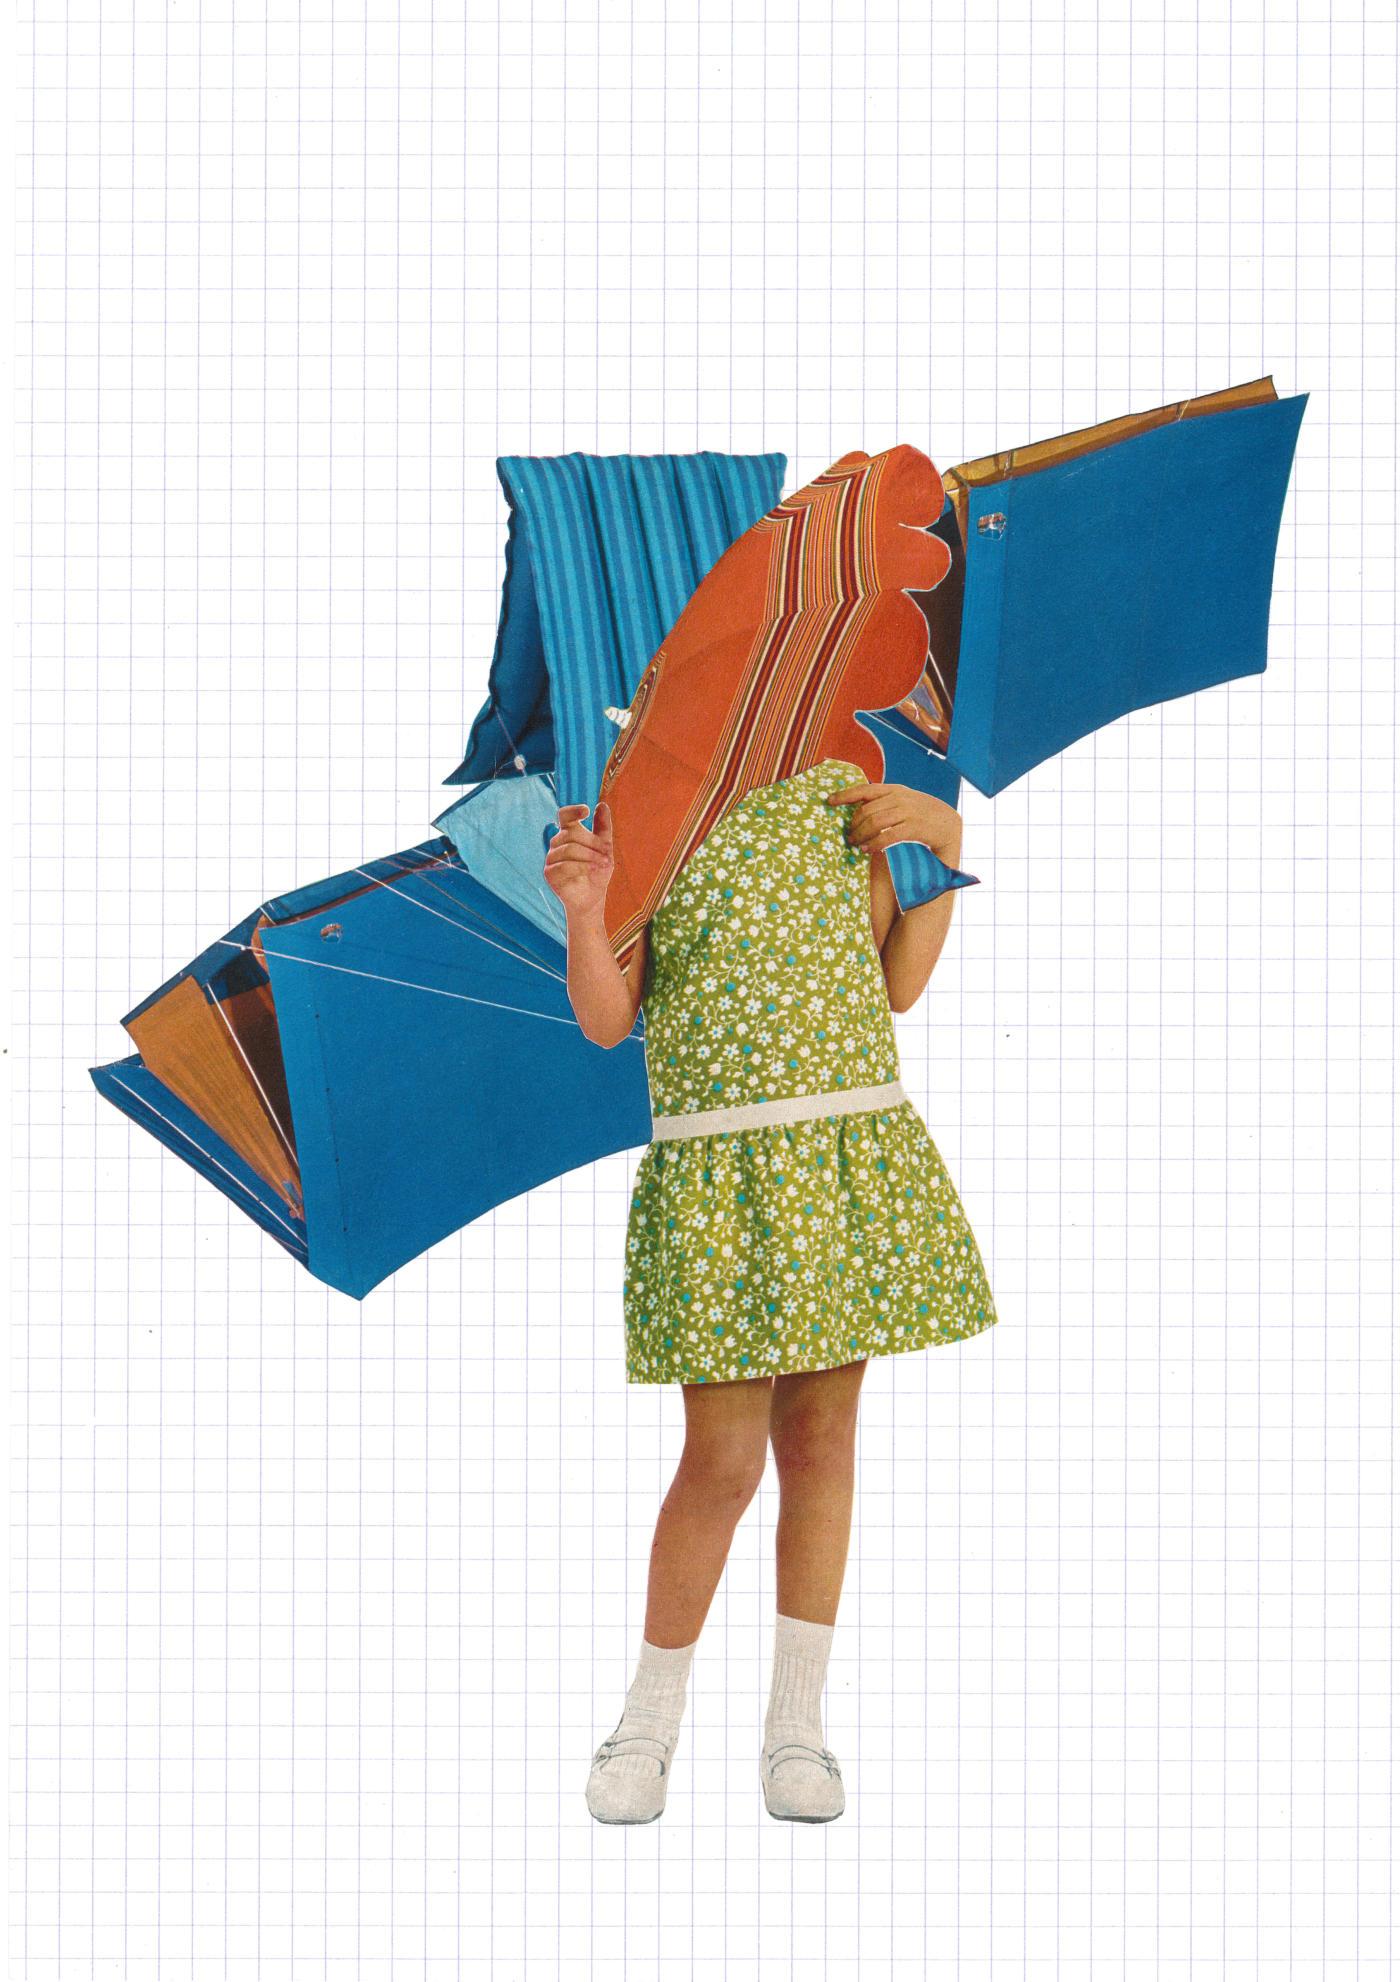 Anne Laure Maison - Femme-Maison (les prémisses) verte -  collage sur papier carreau 29 x 20 cm, cadre 32 x 42 cm